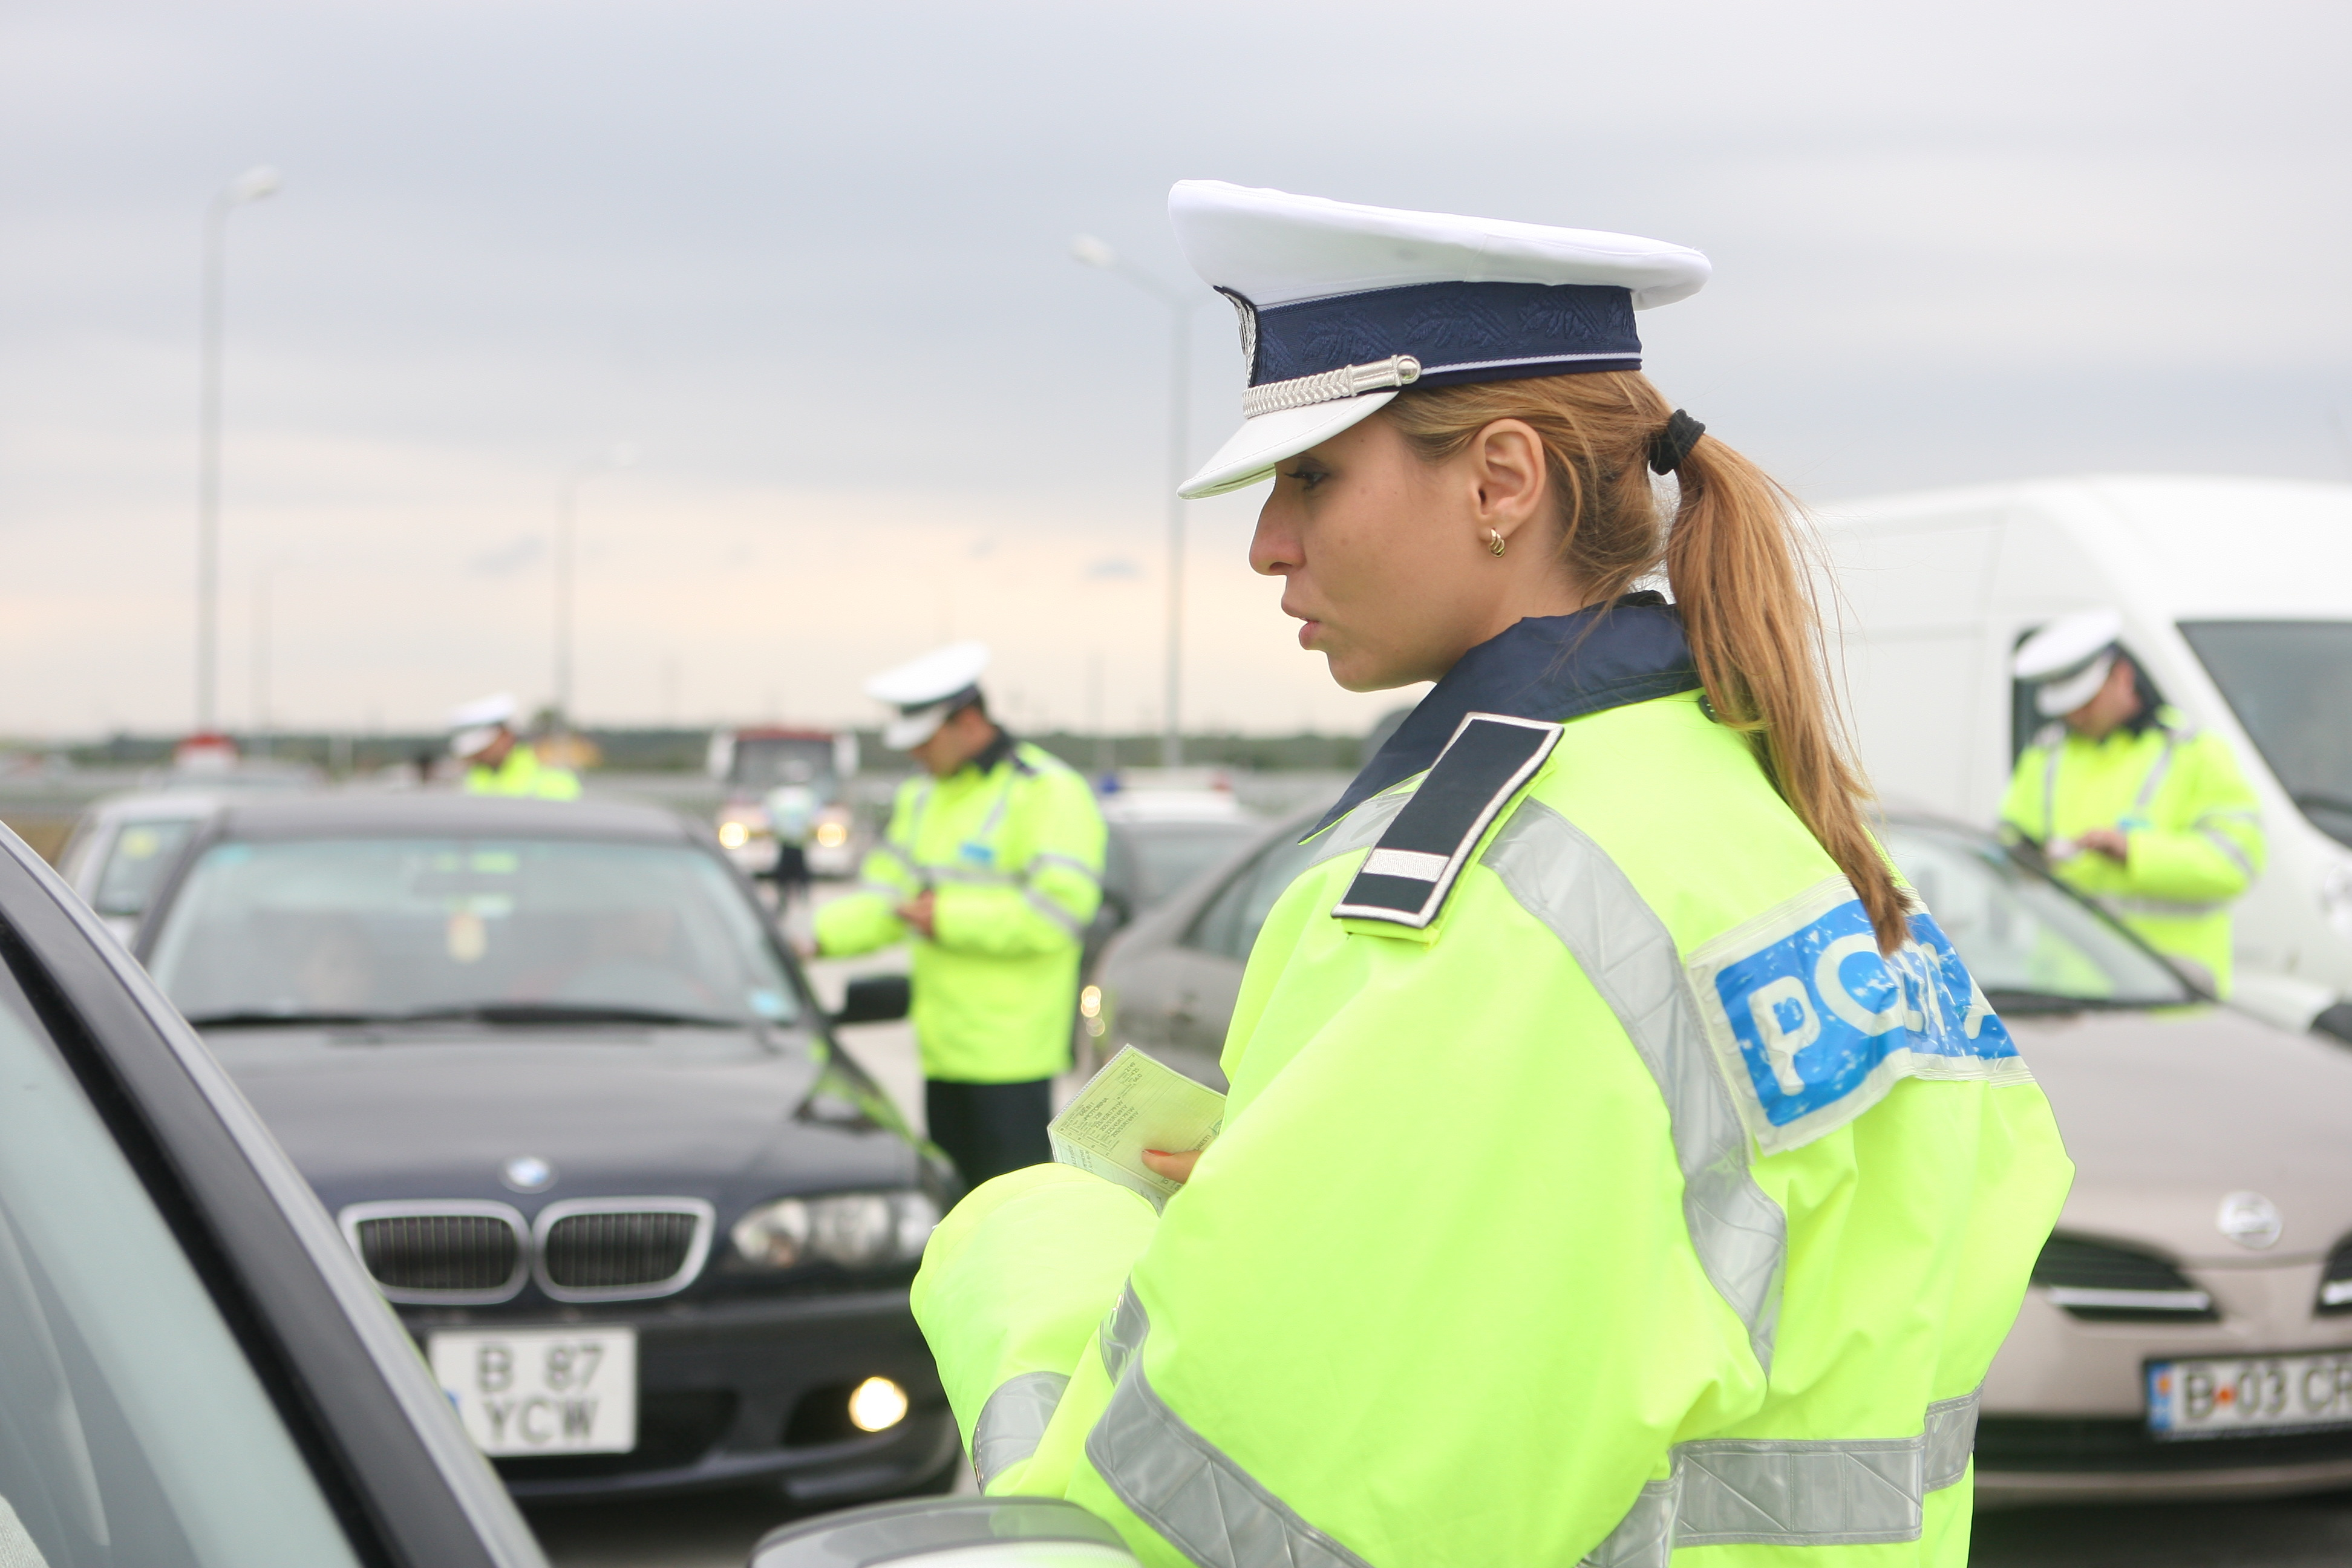 Furios şi iute | Un şofer băut, drogat şi fără permis a fost oprit cu focuri de armă în Constanţa